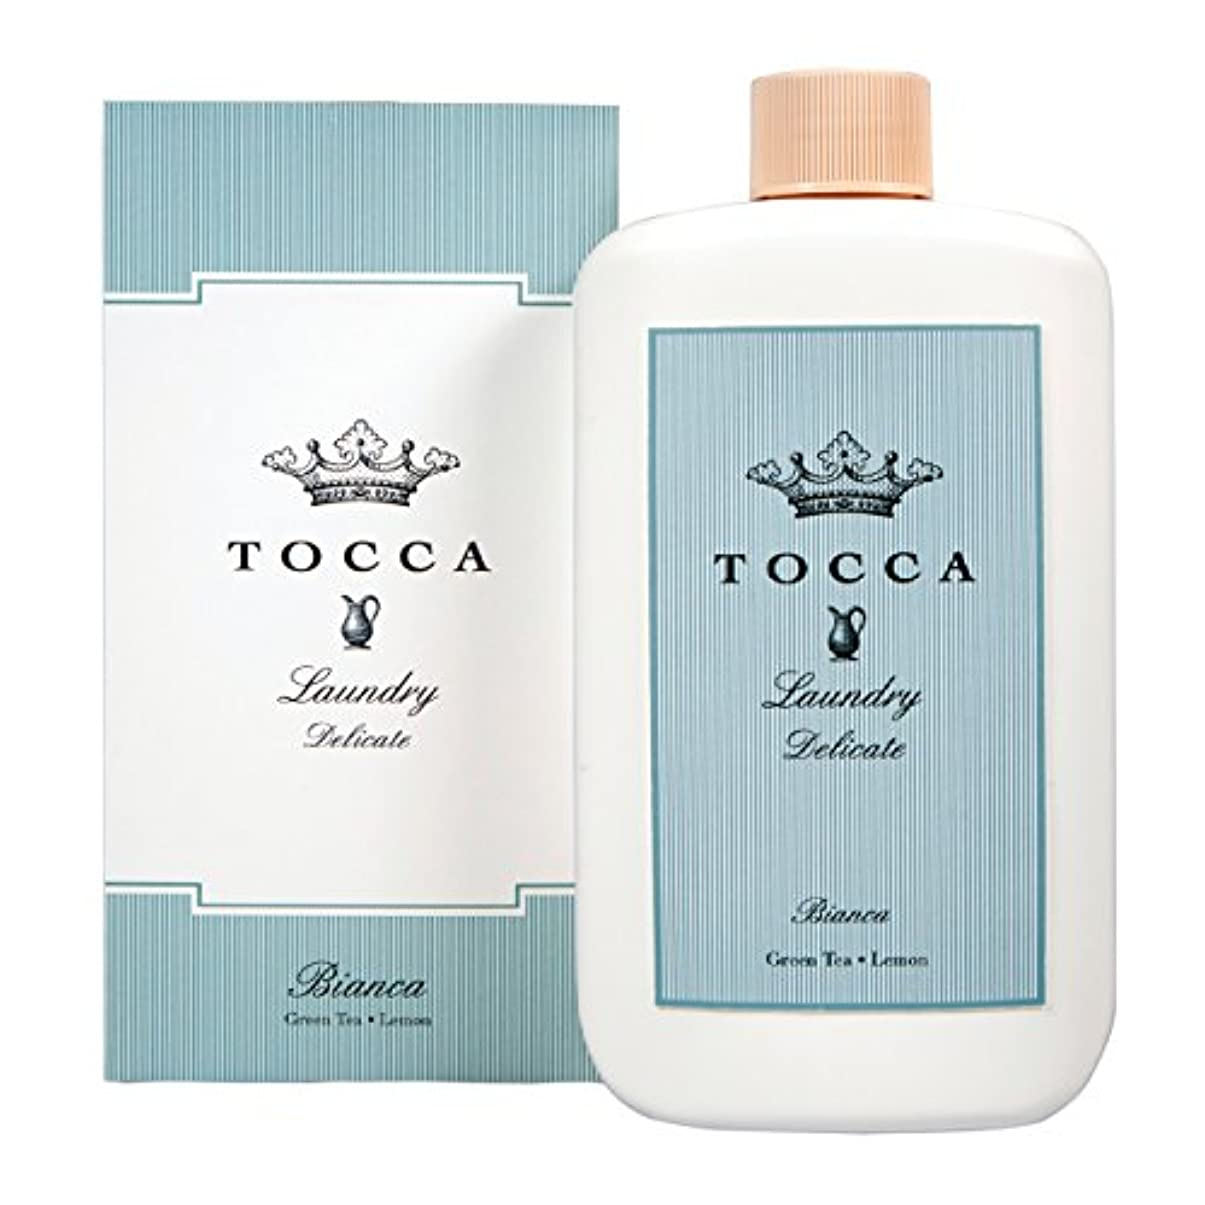 モロニックセラー素晴らしさトッカ(TOCCA) ランドリーデリケート ビアンカの香り 235ml (デリケート素材用洗剤 洗濯用合成洗剤 シトラスとグリーンティー、ローズが絶妙に溶け合ったほのかに甘さ漂うフレッシュな香り)